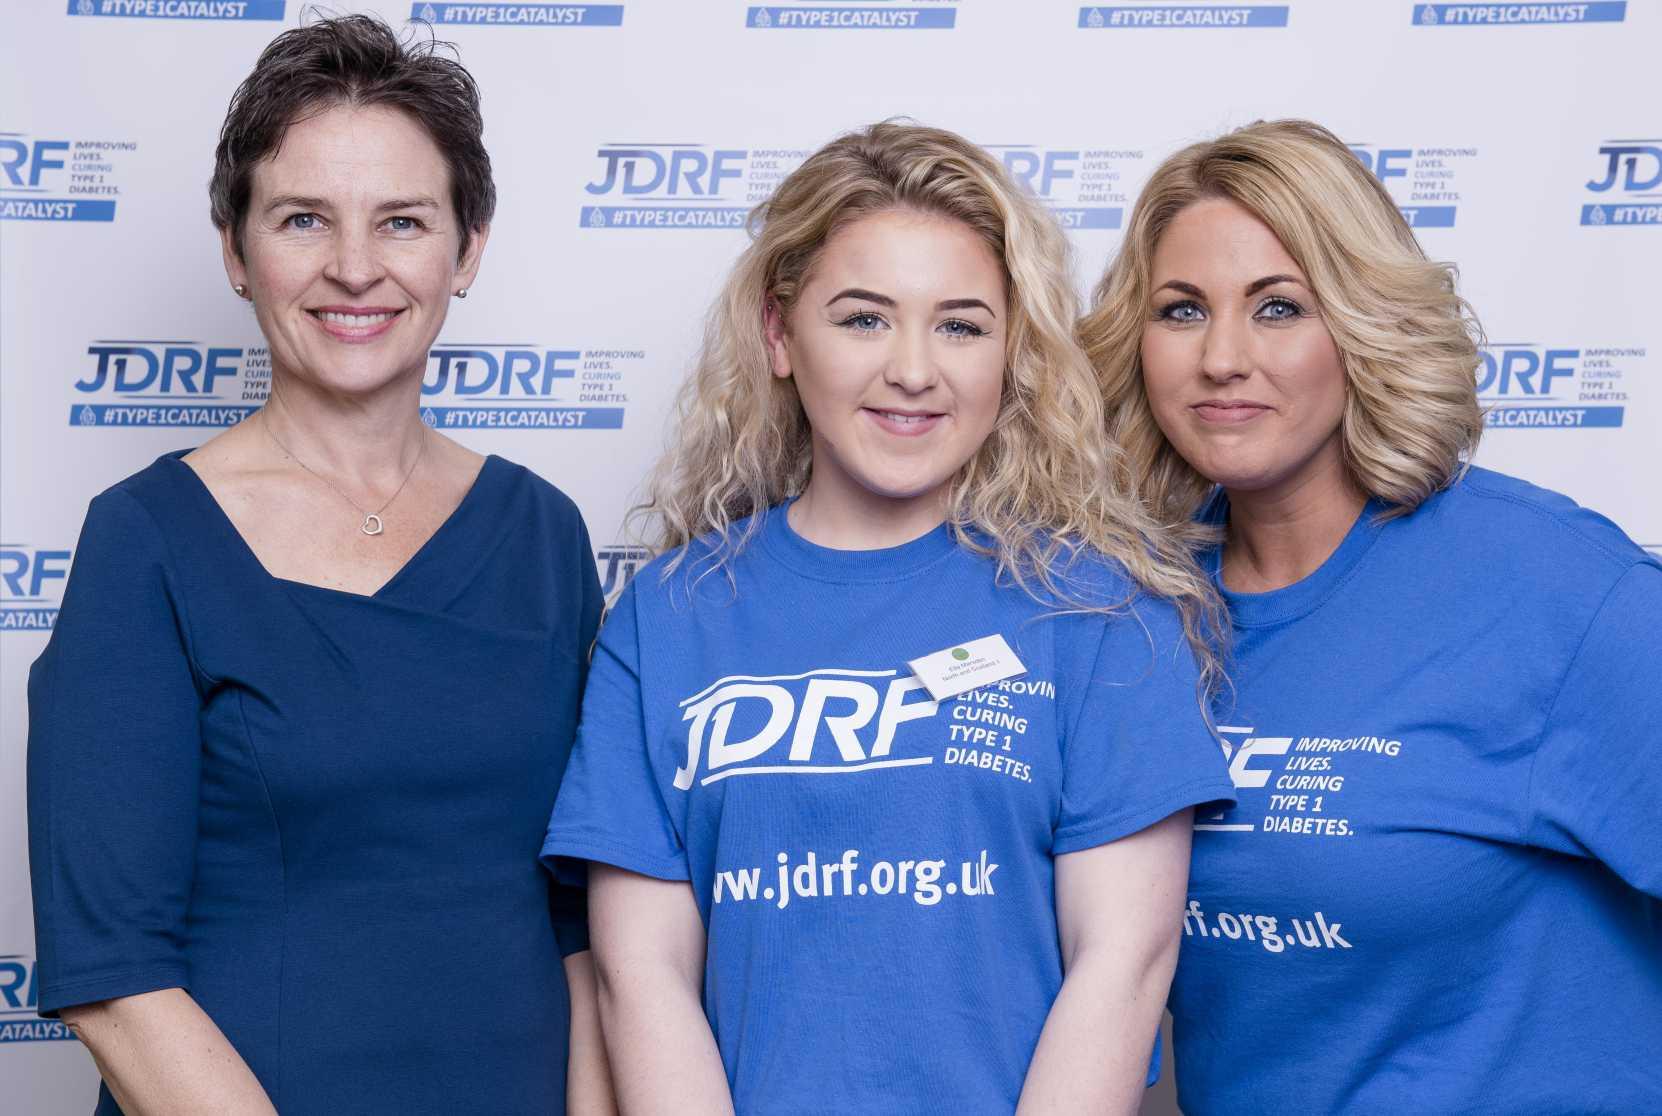 Mary, Ella and Debbie